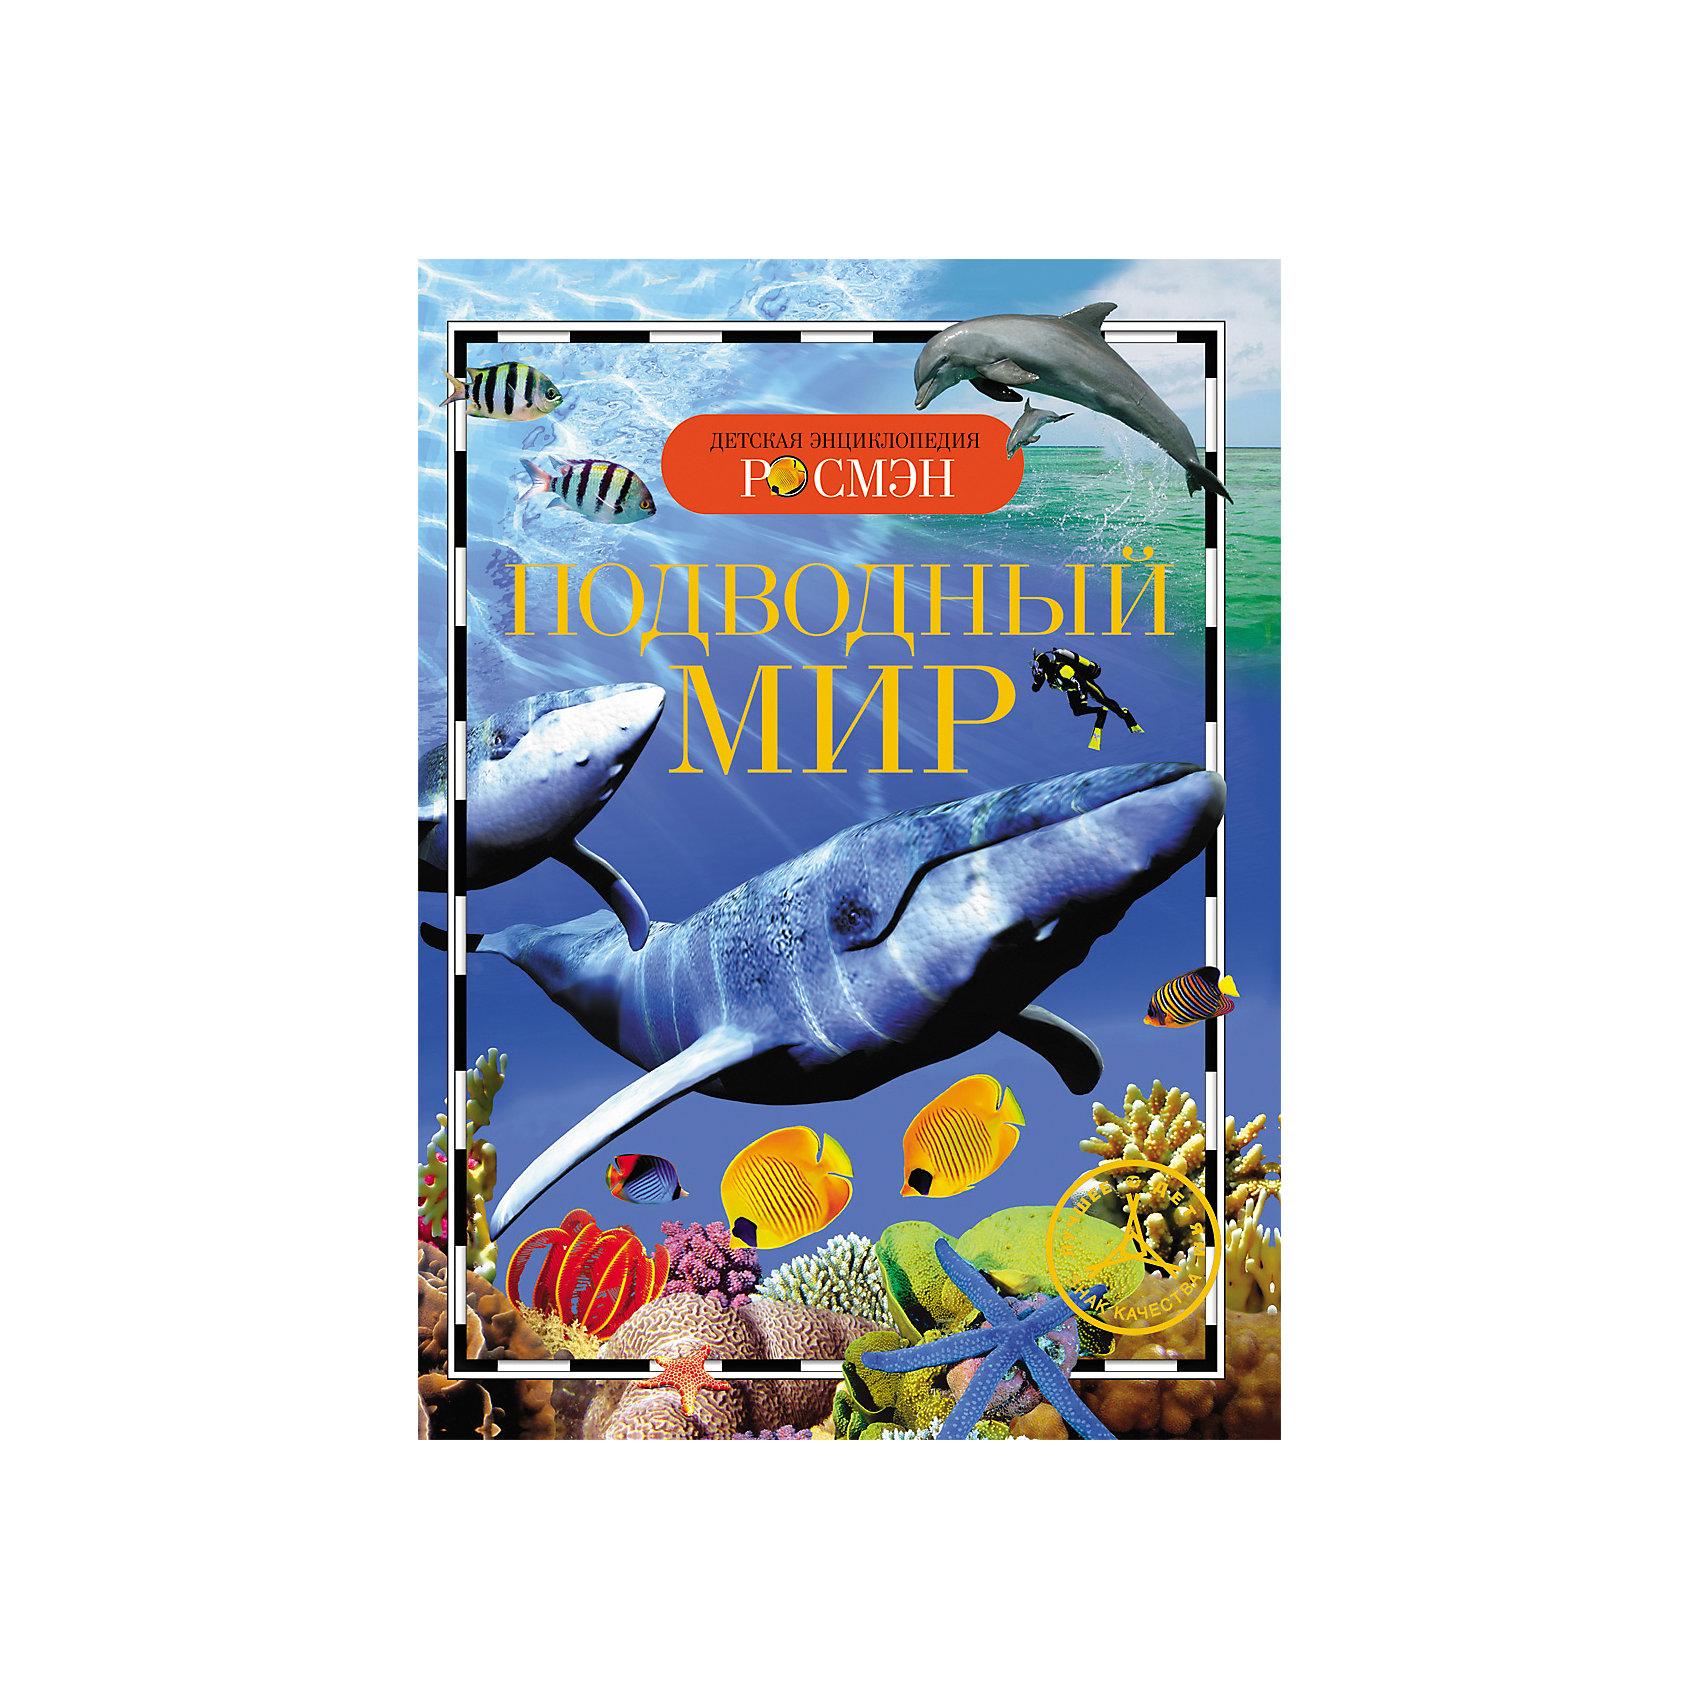 Подводный мирЭнциклопедии о животных<br>Характеристики товара:<br><br>- цвет: разноцветный;<br>- материал: бумага;<br>- страниц: 96;<br>- формат: 17 x 21 см;<br>- обложка: твердая;<br>- цветные иллюстрации.<br><br>Эта интересная книга с иллюстрациями станет отличным подарком для ребенка. Она содержит в себе ответы на вопросы, которые интересуют малышей. Всё представлено в очень простой форме! Талантливый иллюстратор дополнил книгу качественными рисунками, которые помогают ребенку понять суть многих вещей в нашем мире. Удивительные и интересные факты помогут привить любовь к учебе!<br>Чтение - отличный способ активизации мышления, оно помогает ребенку развивать зрительную память, концентрацию внимания и воображение. Издание произведено из качественных материалов, которые безопасны даже для самых маленьких.<br><br>Книгу Подводный мир от компании Росмэн можно купить в нашем интернет-магазине.<br><br>Ширина мм: 220<br>Глубина мм: 165<br>Высота мм: 7<br>Вес г: 230<br>Возраст от месяцев: 84<br>Возраст до месяцев: 108<br>Пол: Унисекс<br>Возраст: Детский<br>SKU: 5109990